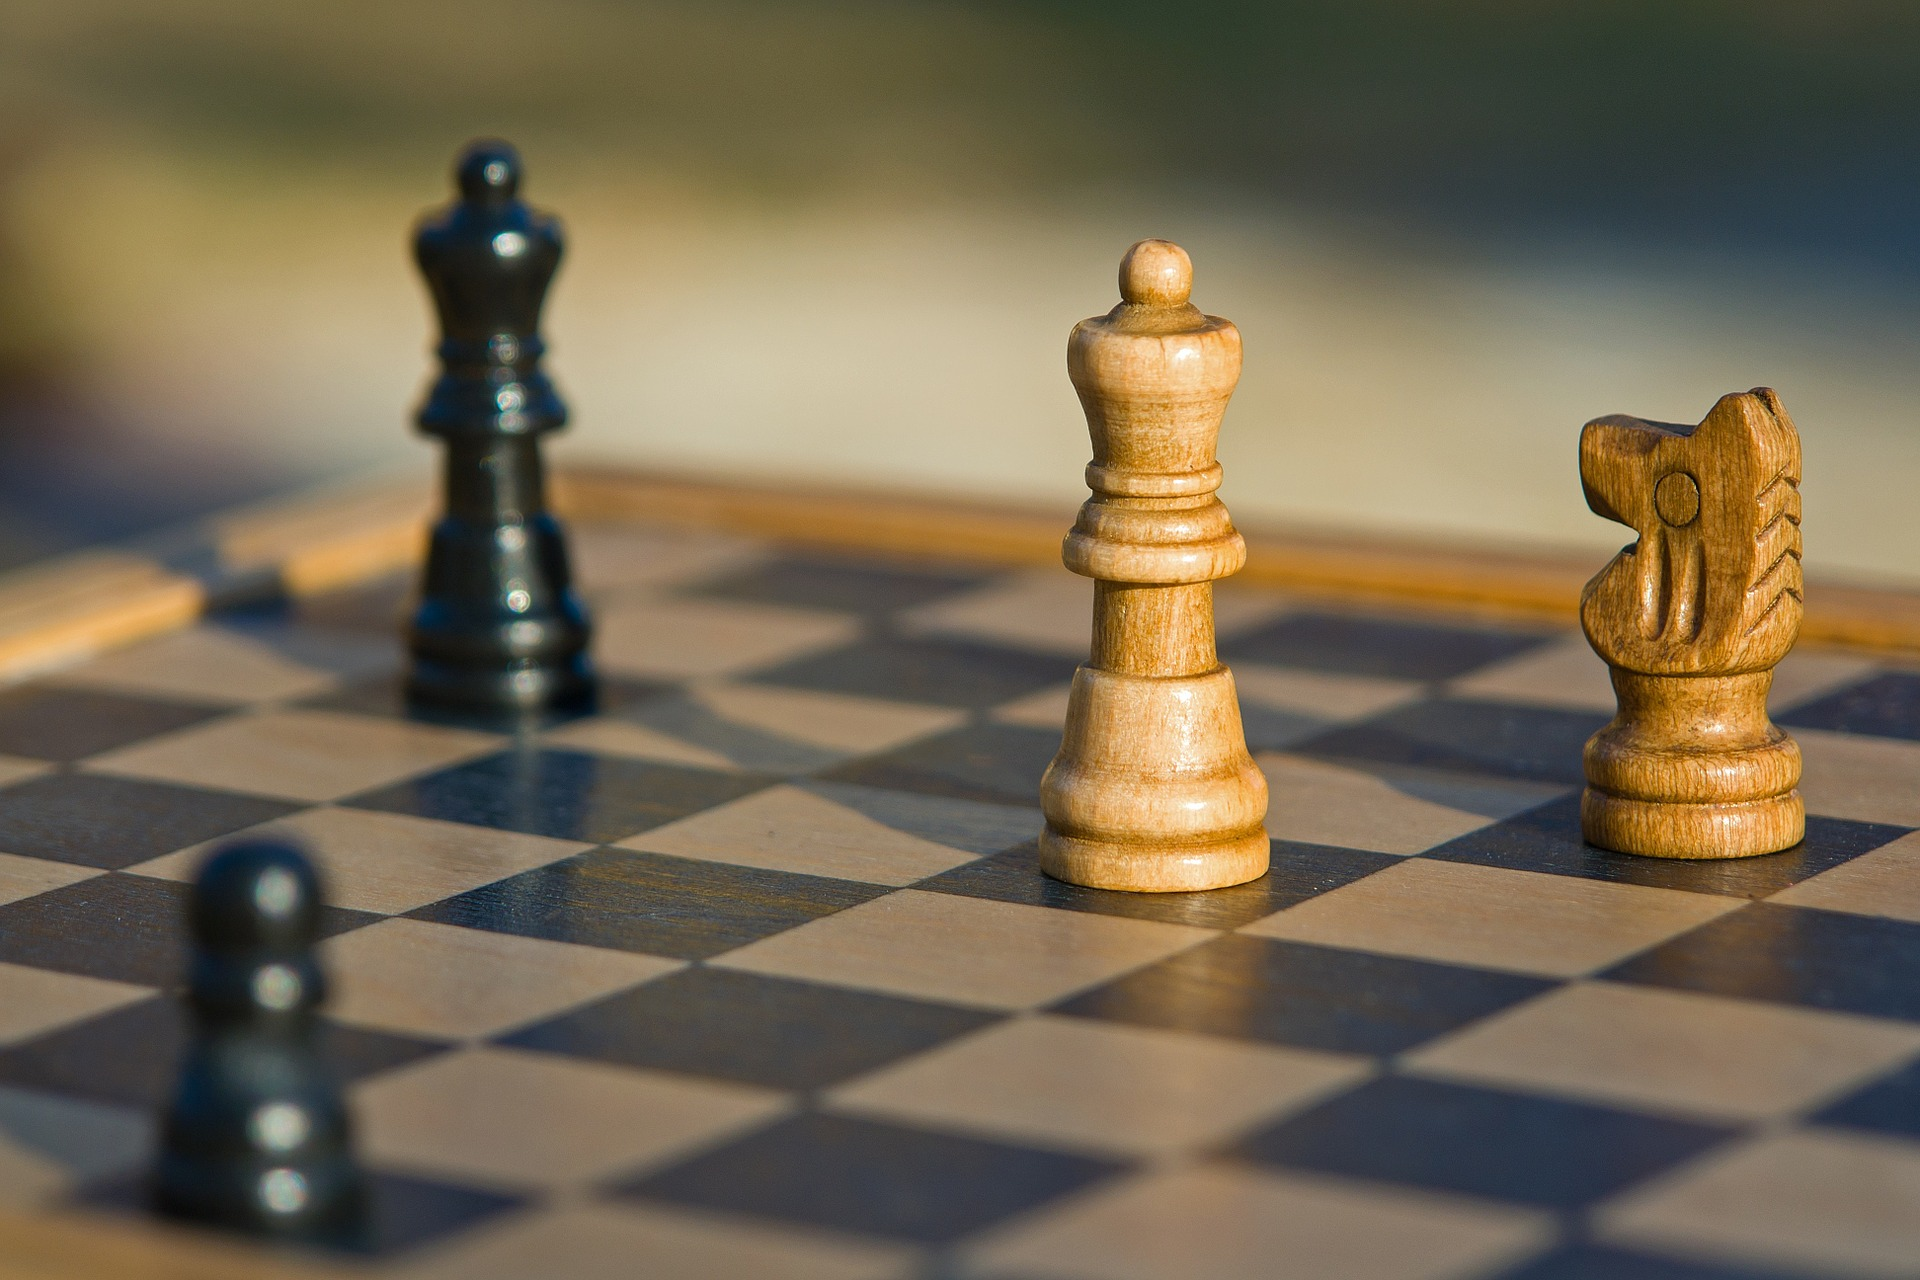 Scacchi, Pensione, schede, strategia, Giochi da tavolo - Sfondi HD - Professor-falken.com